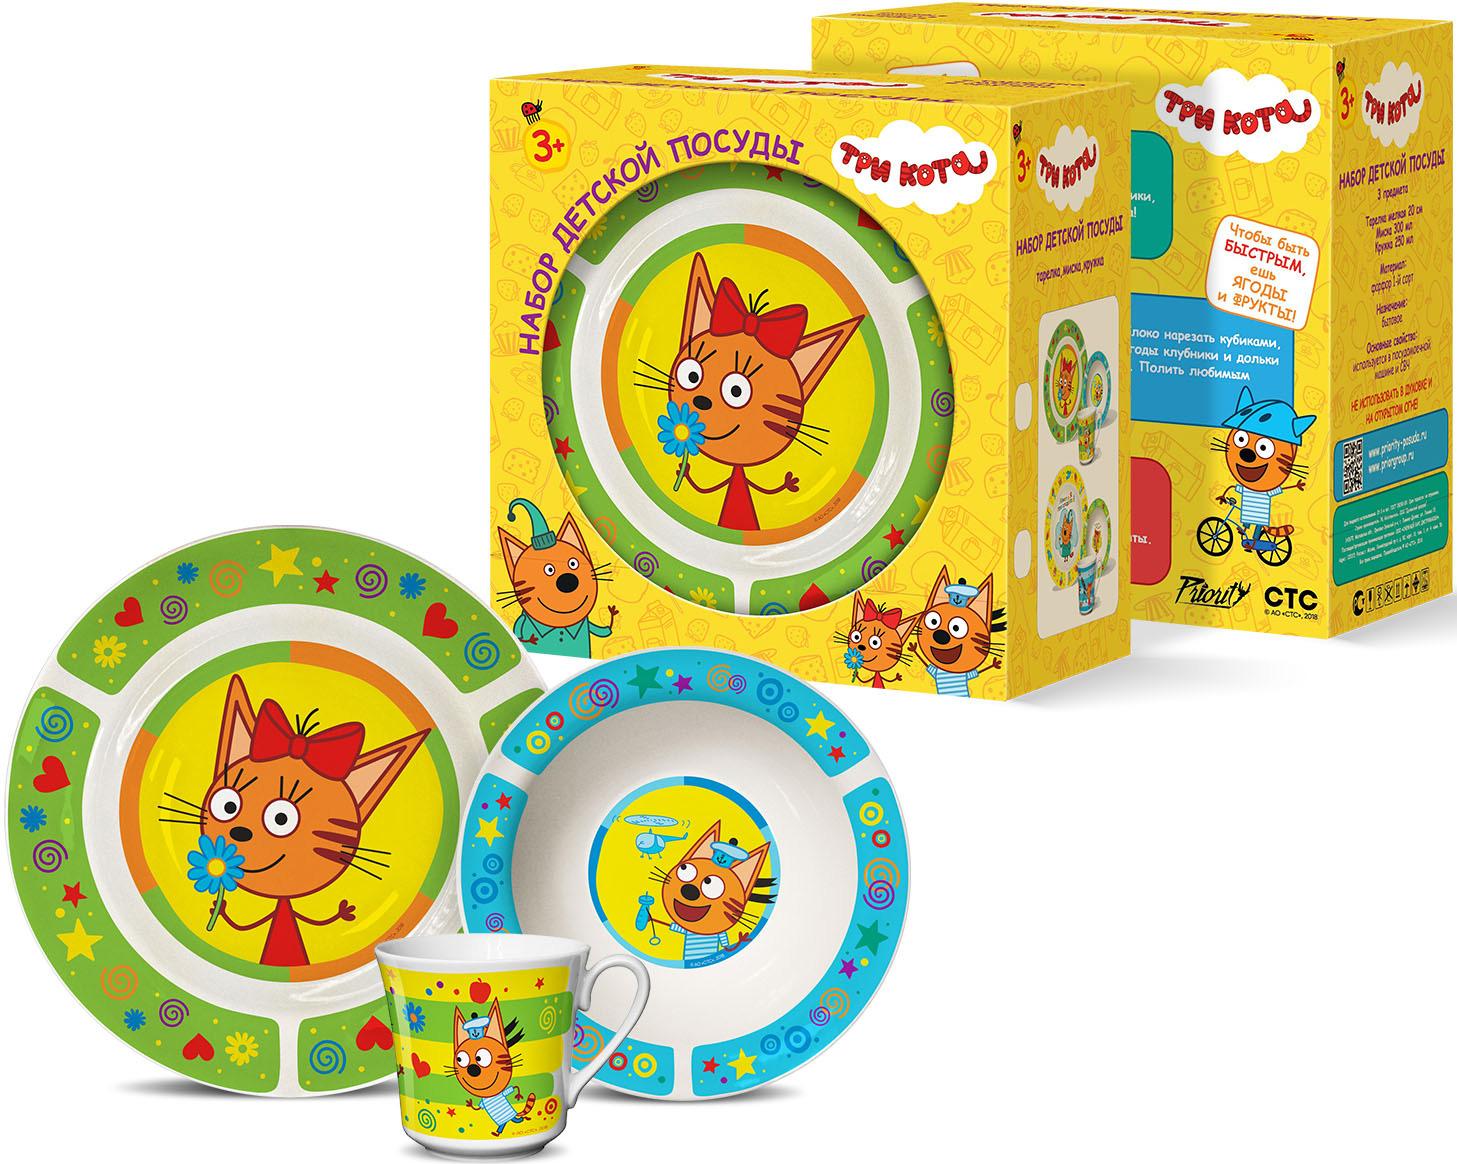 Набор детской посуды PrioritY / Три Кота Зеленый